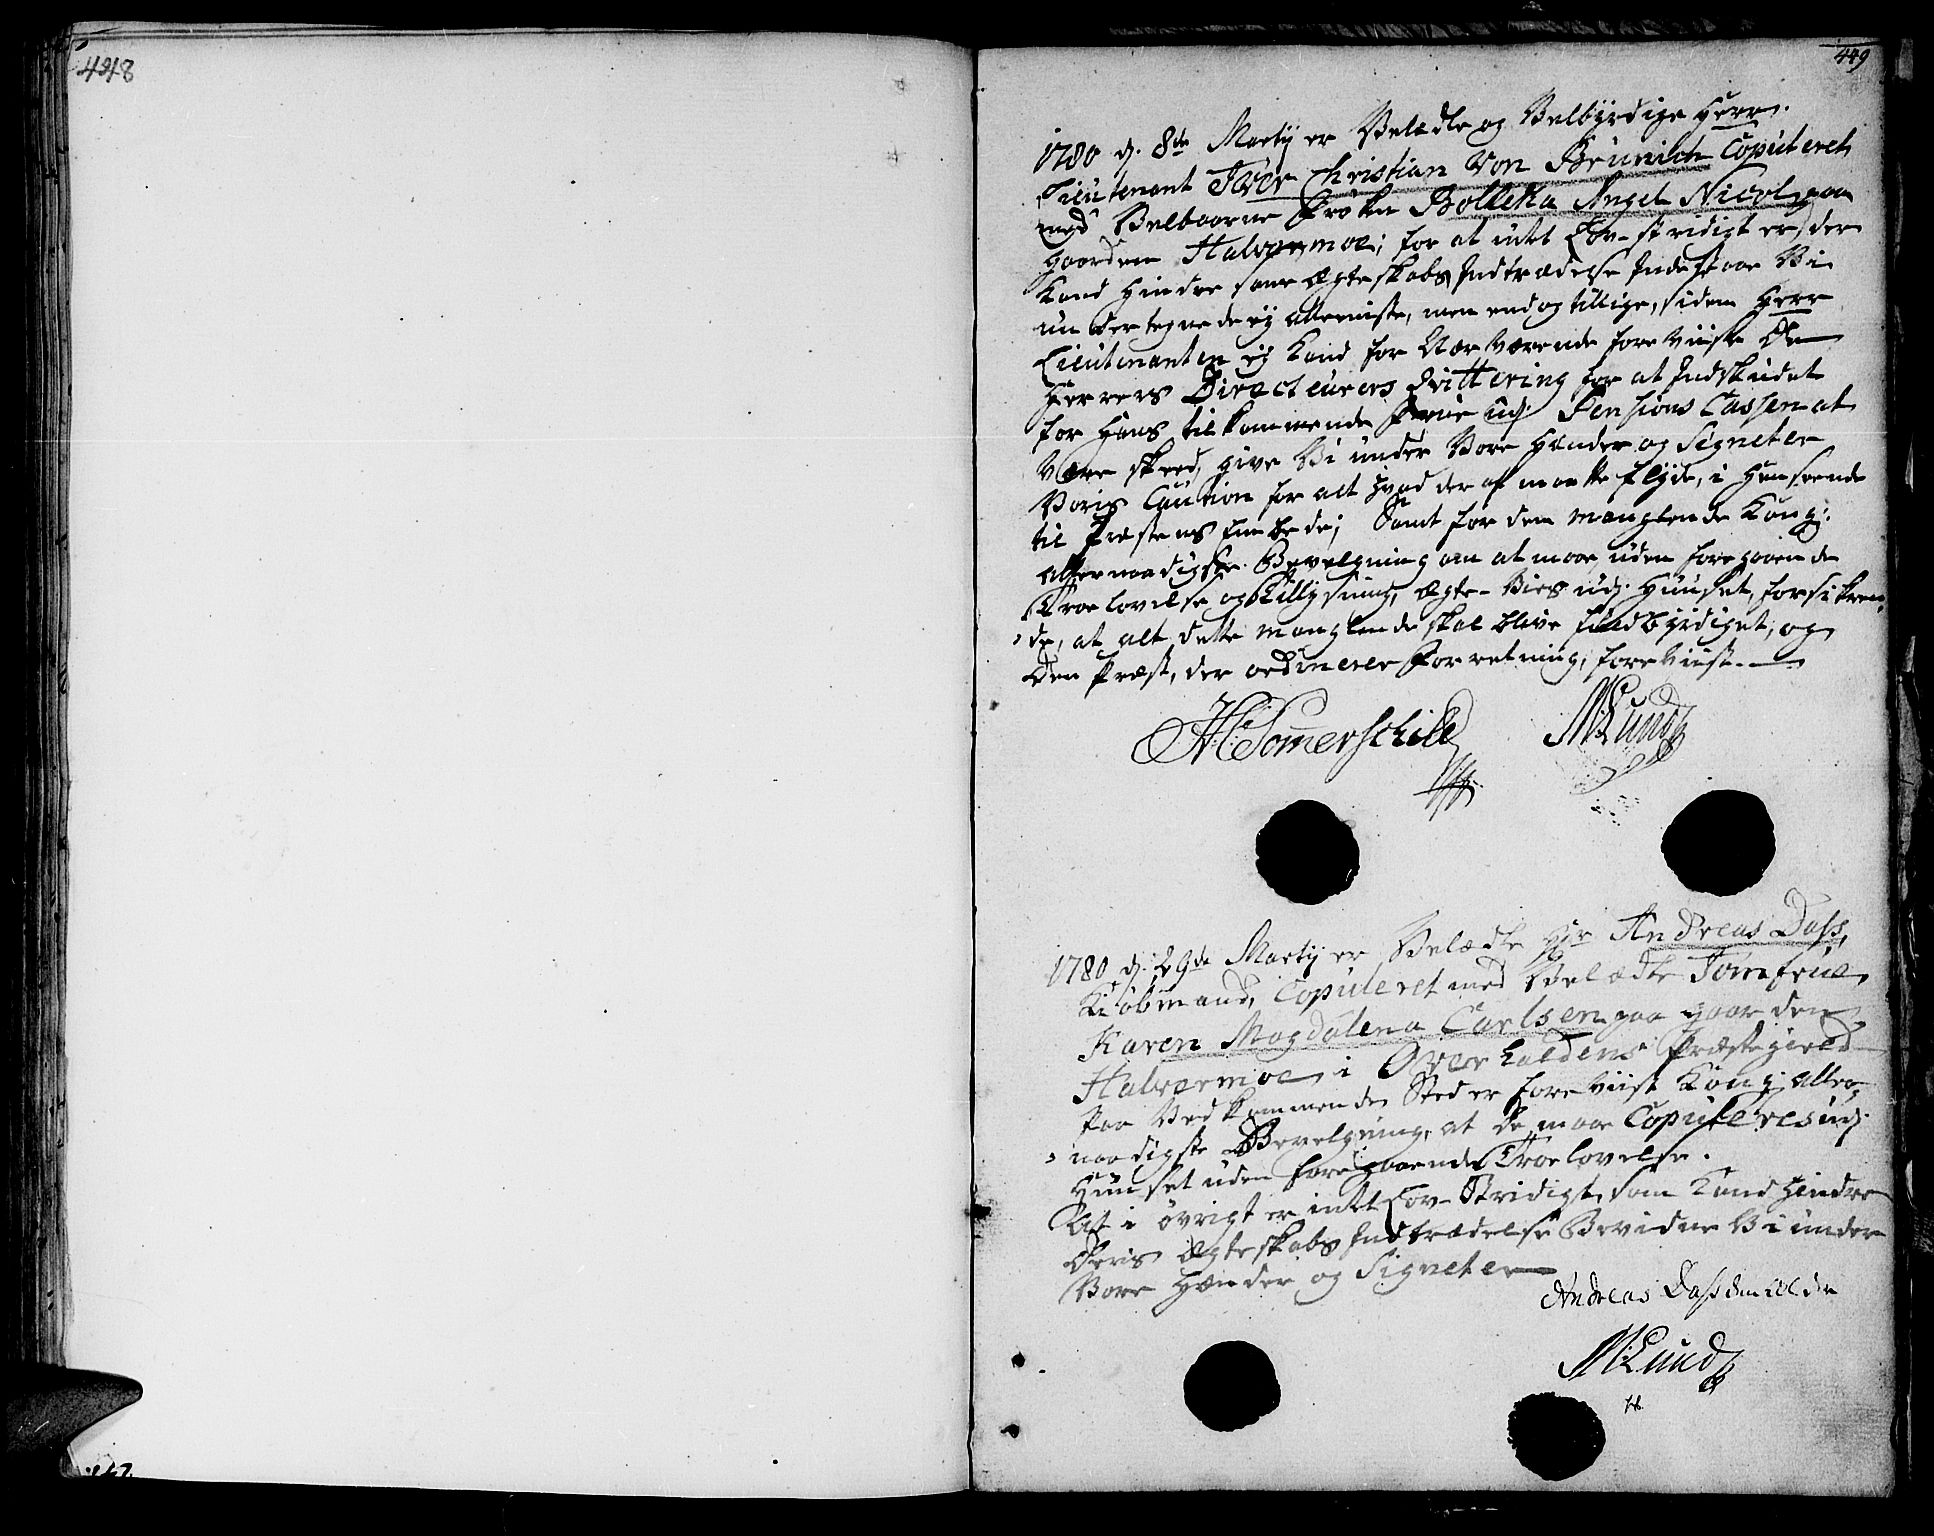 SAT, Ministerialprotokoller, klokkerbøker og fødselsregistre - Nord-Trøndelag, 764/L0544: Ministerialbok nr. 764A04, 1780-1798, s. 448-449